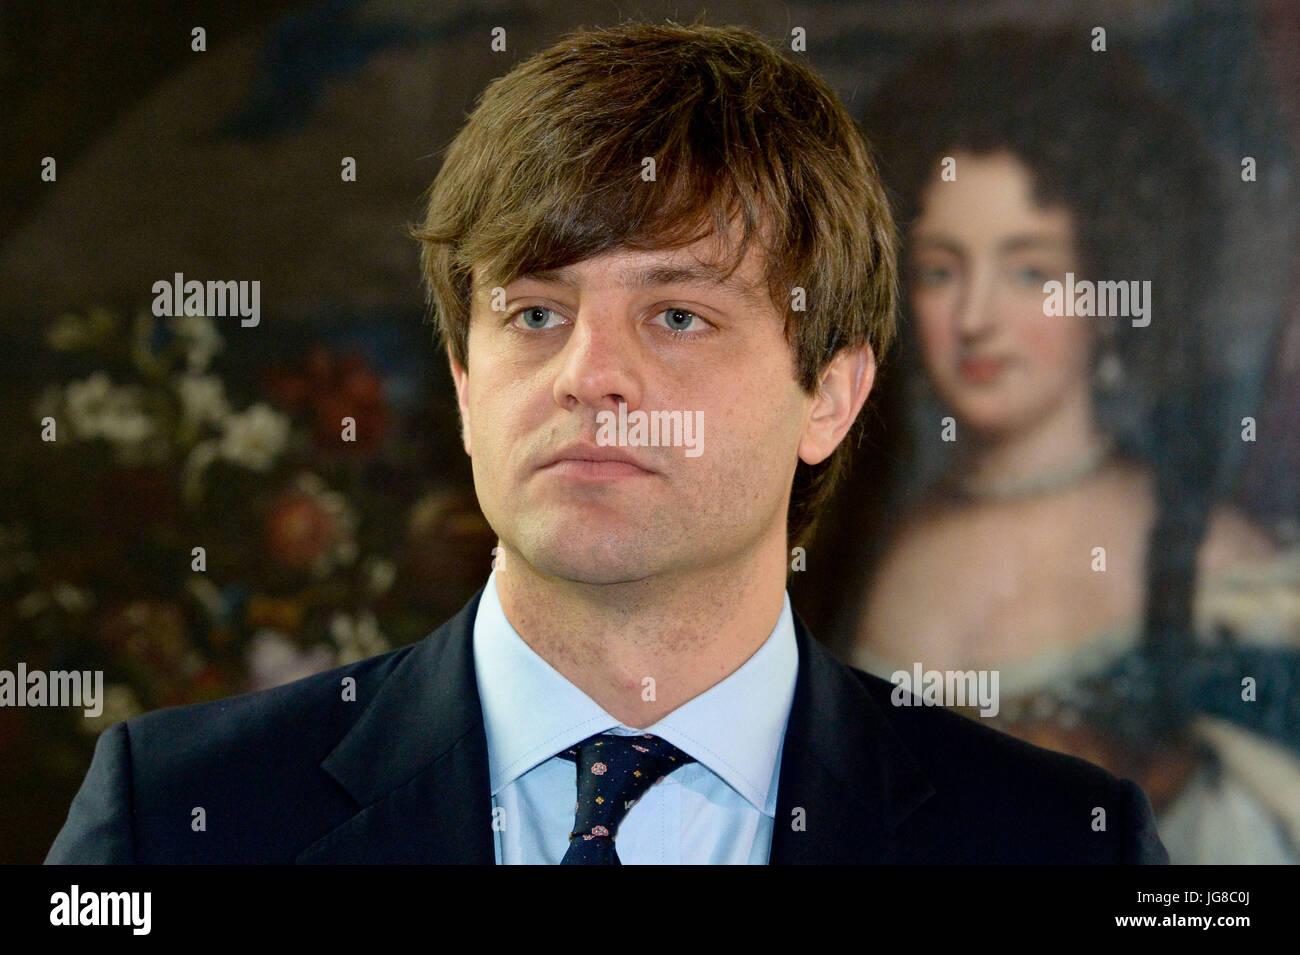 Fichier - Le Prince Ernst August de Hanovre, photographié à Marienburg Château près de Pattensen, Allemagne, 11 avril 2014. Photo: Peter Steffen/dpa Banque D'Images